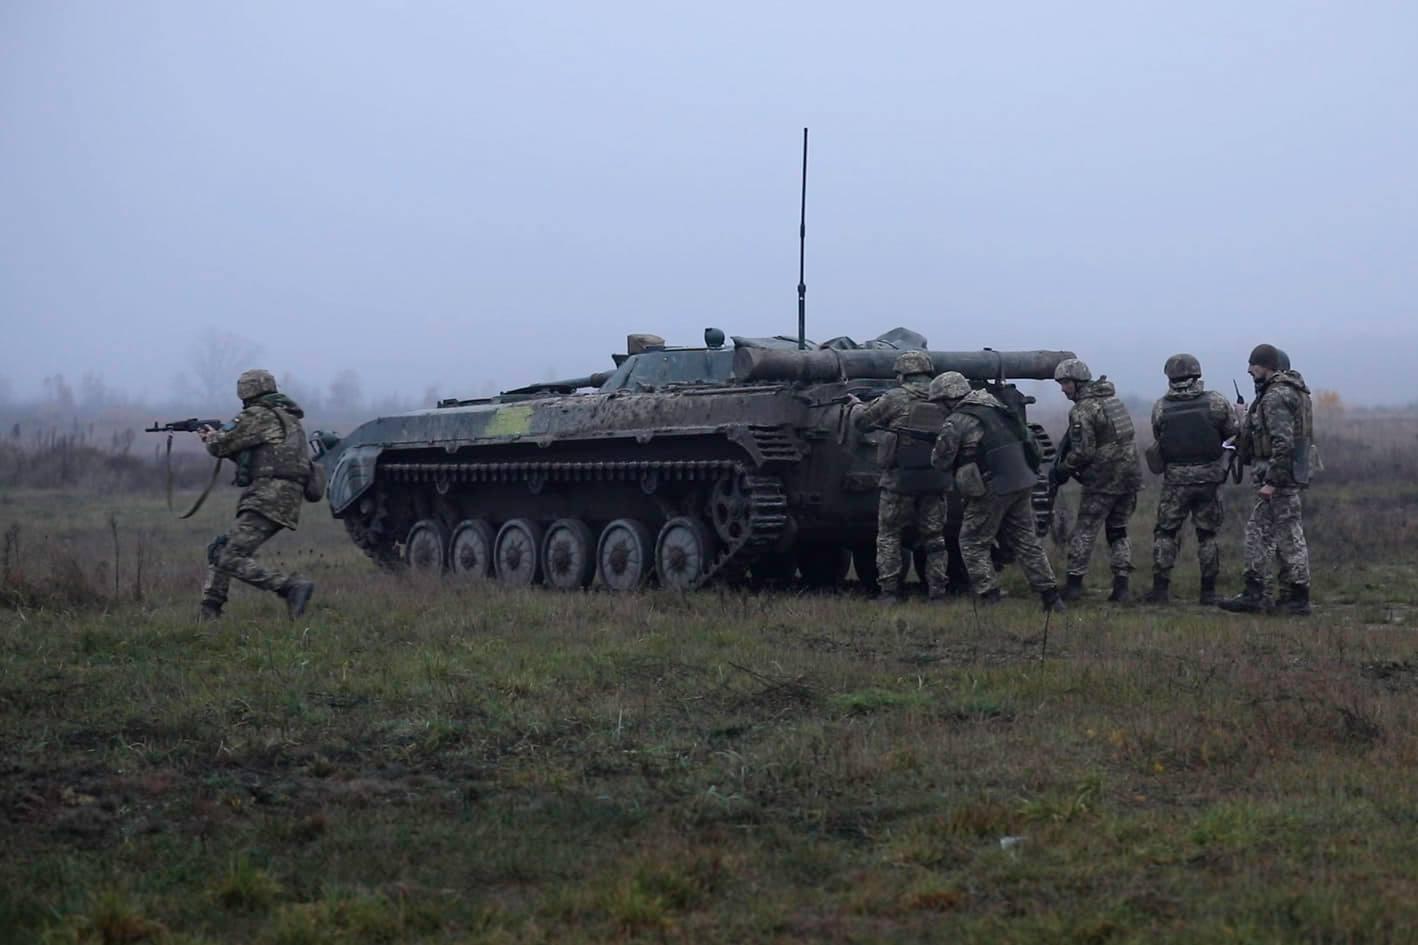 58-я бригада будет два месяца отрабатывать различные военные мероприятия под присмотром инструкторов Альянса